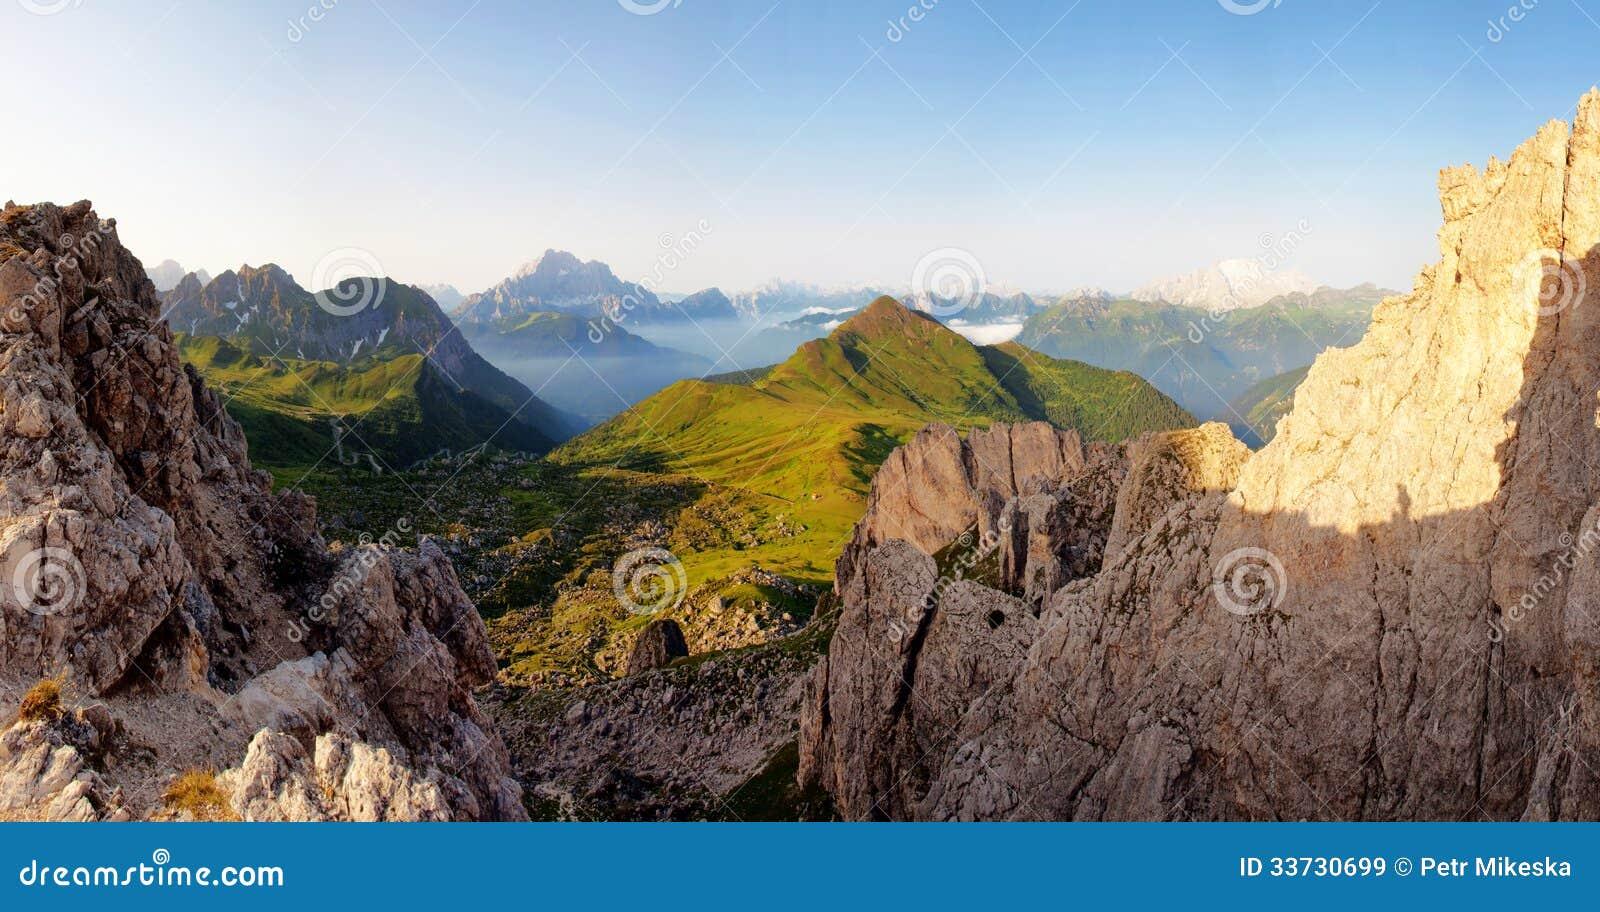 Славный панорамный взгляд высоких гор